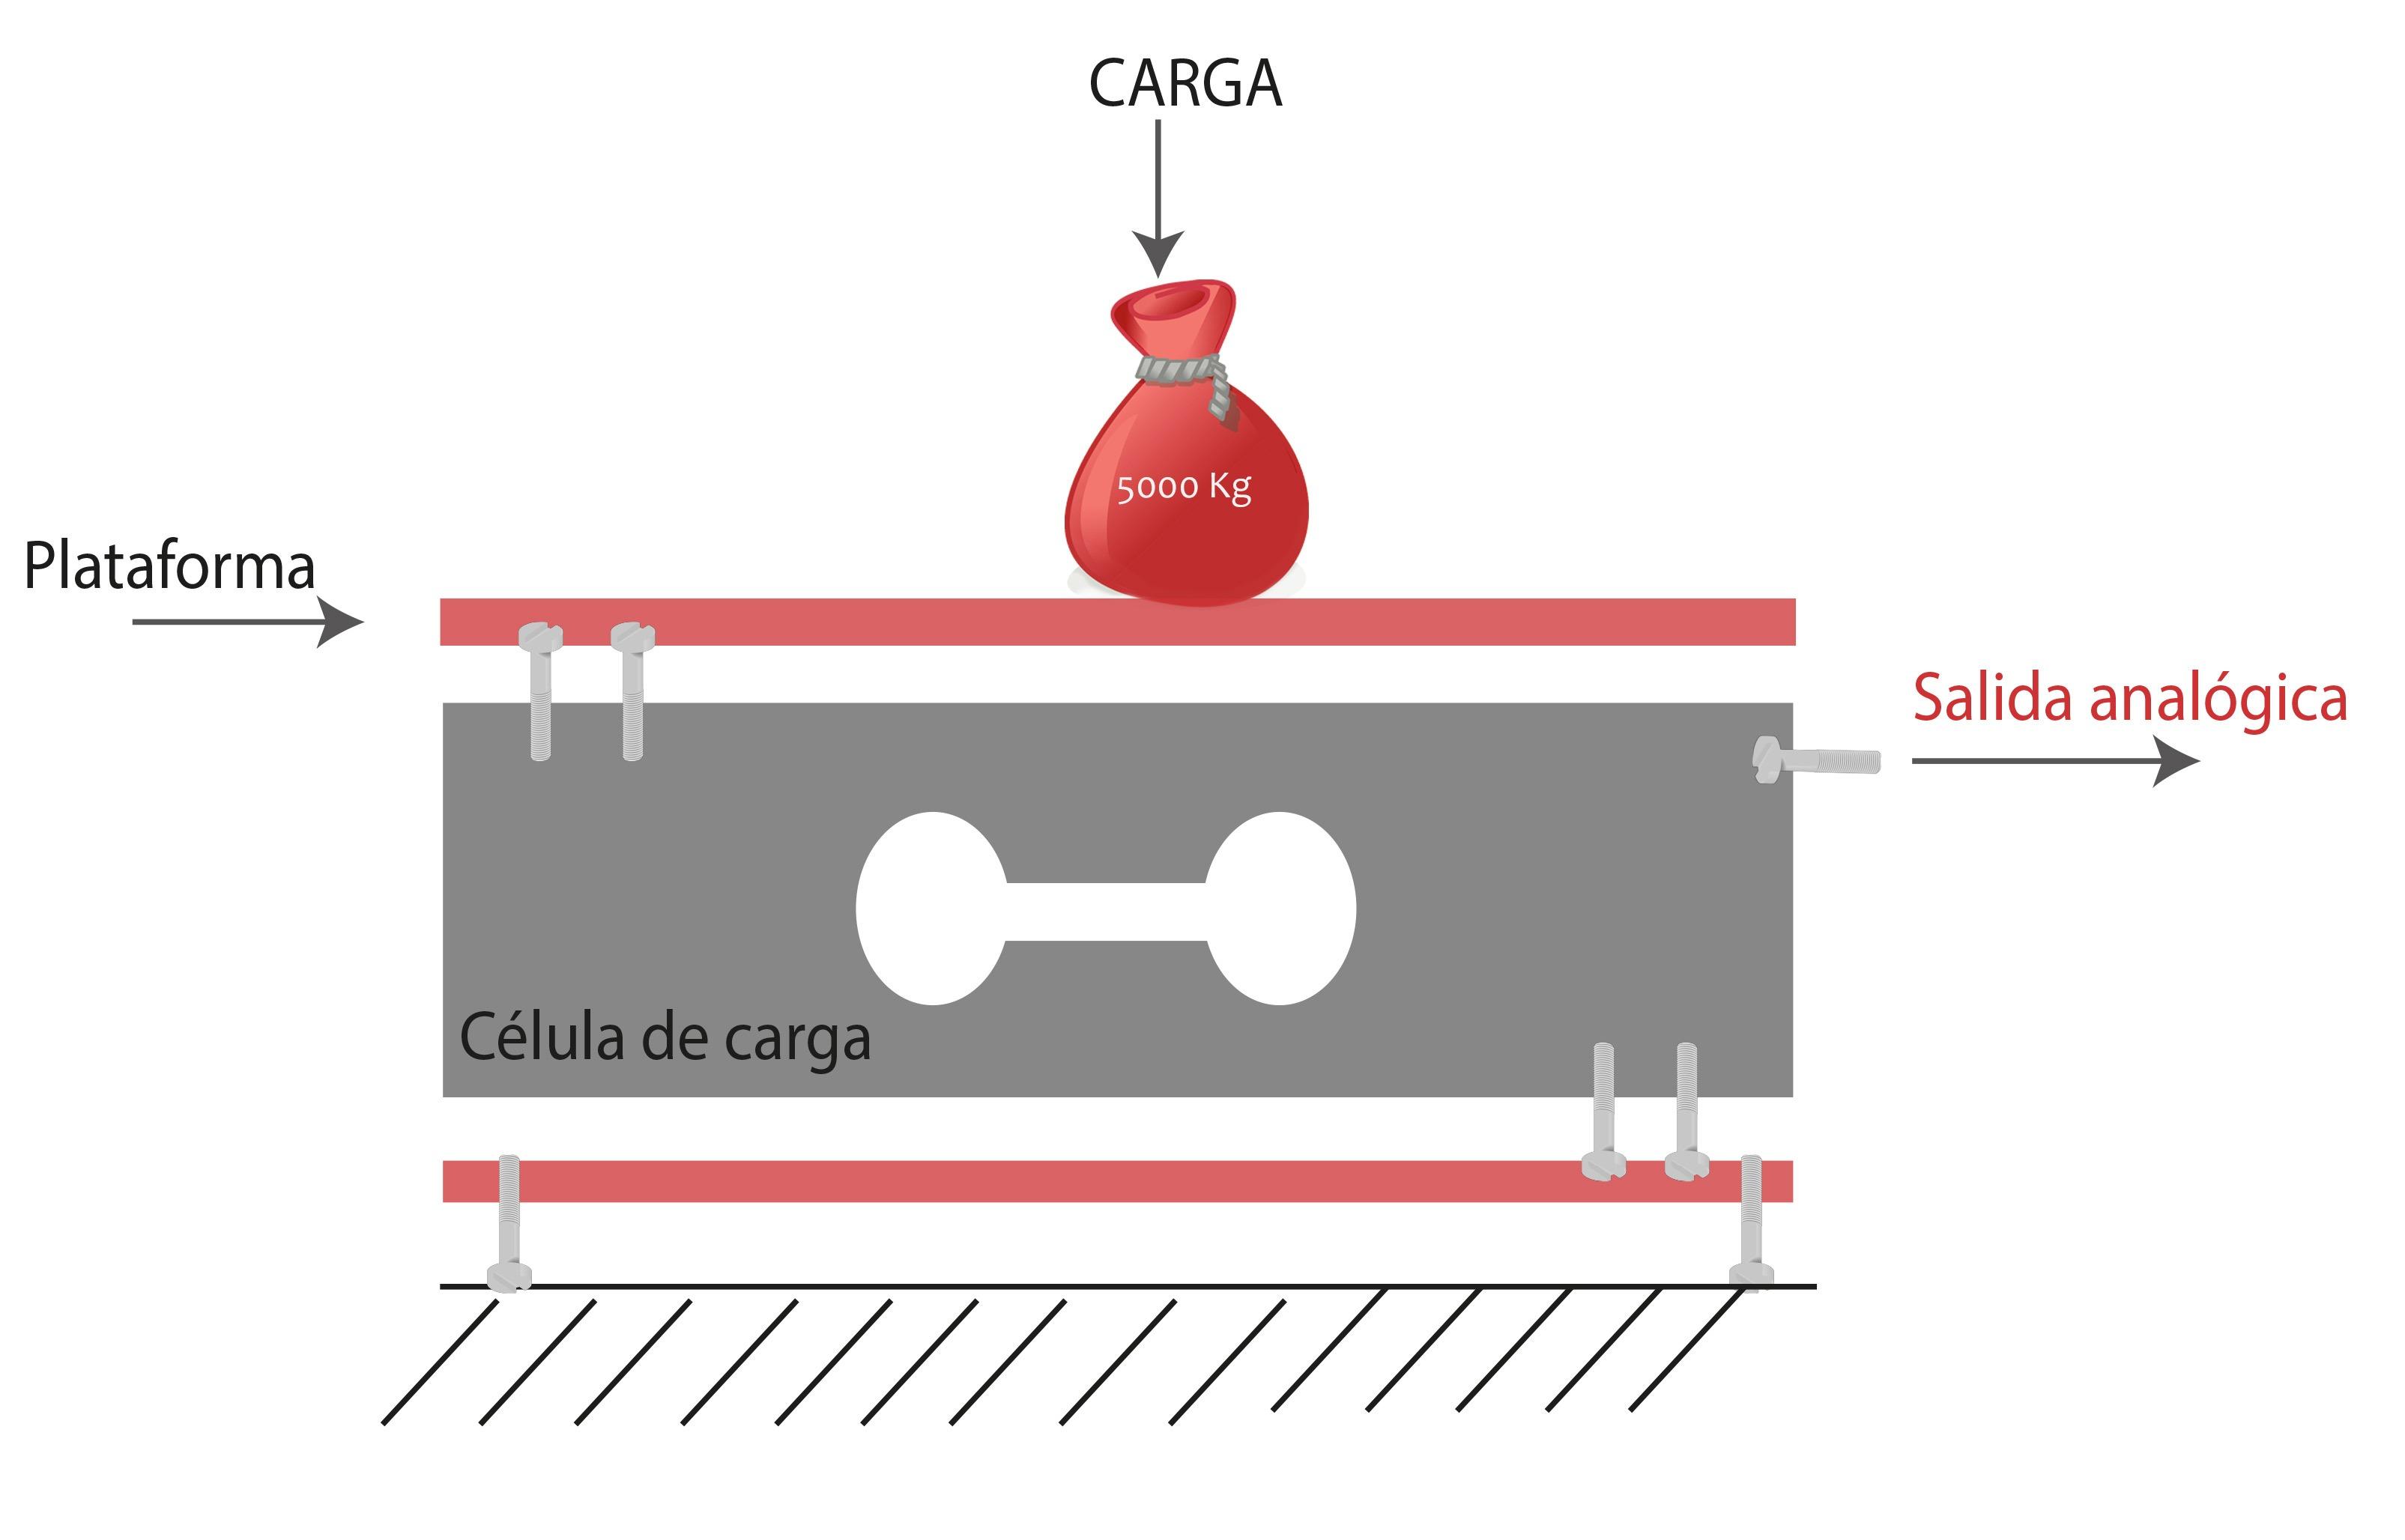 Detalle de báscula y célula de carga